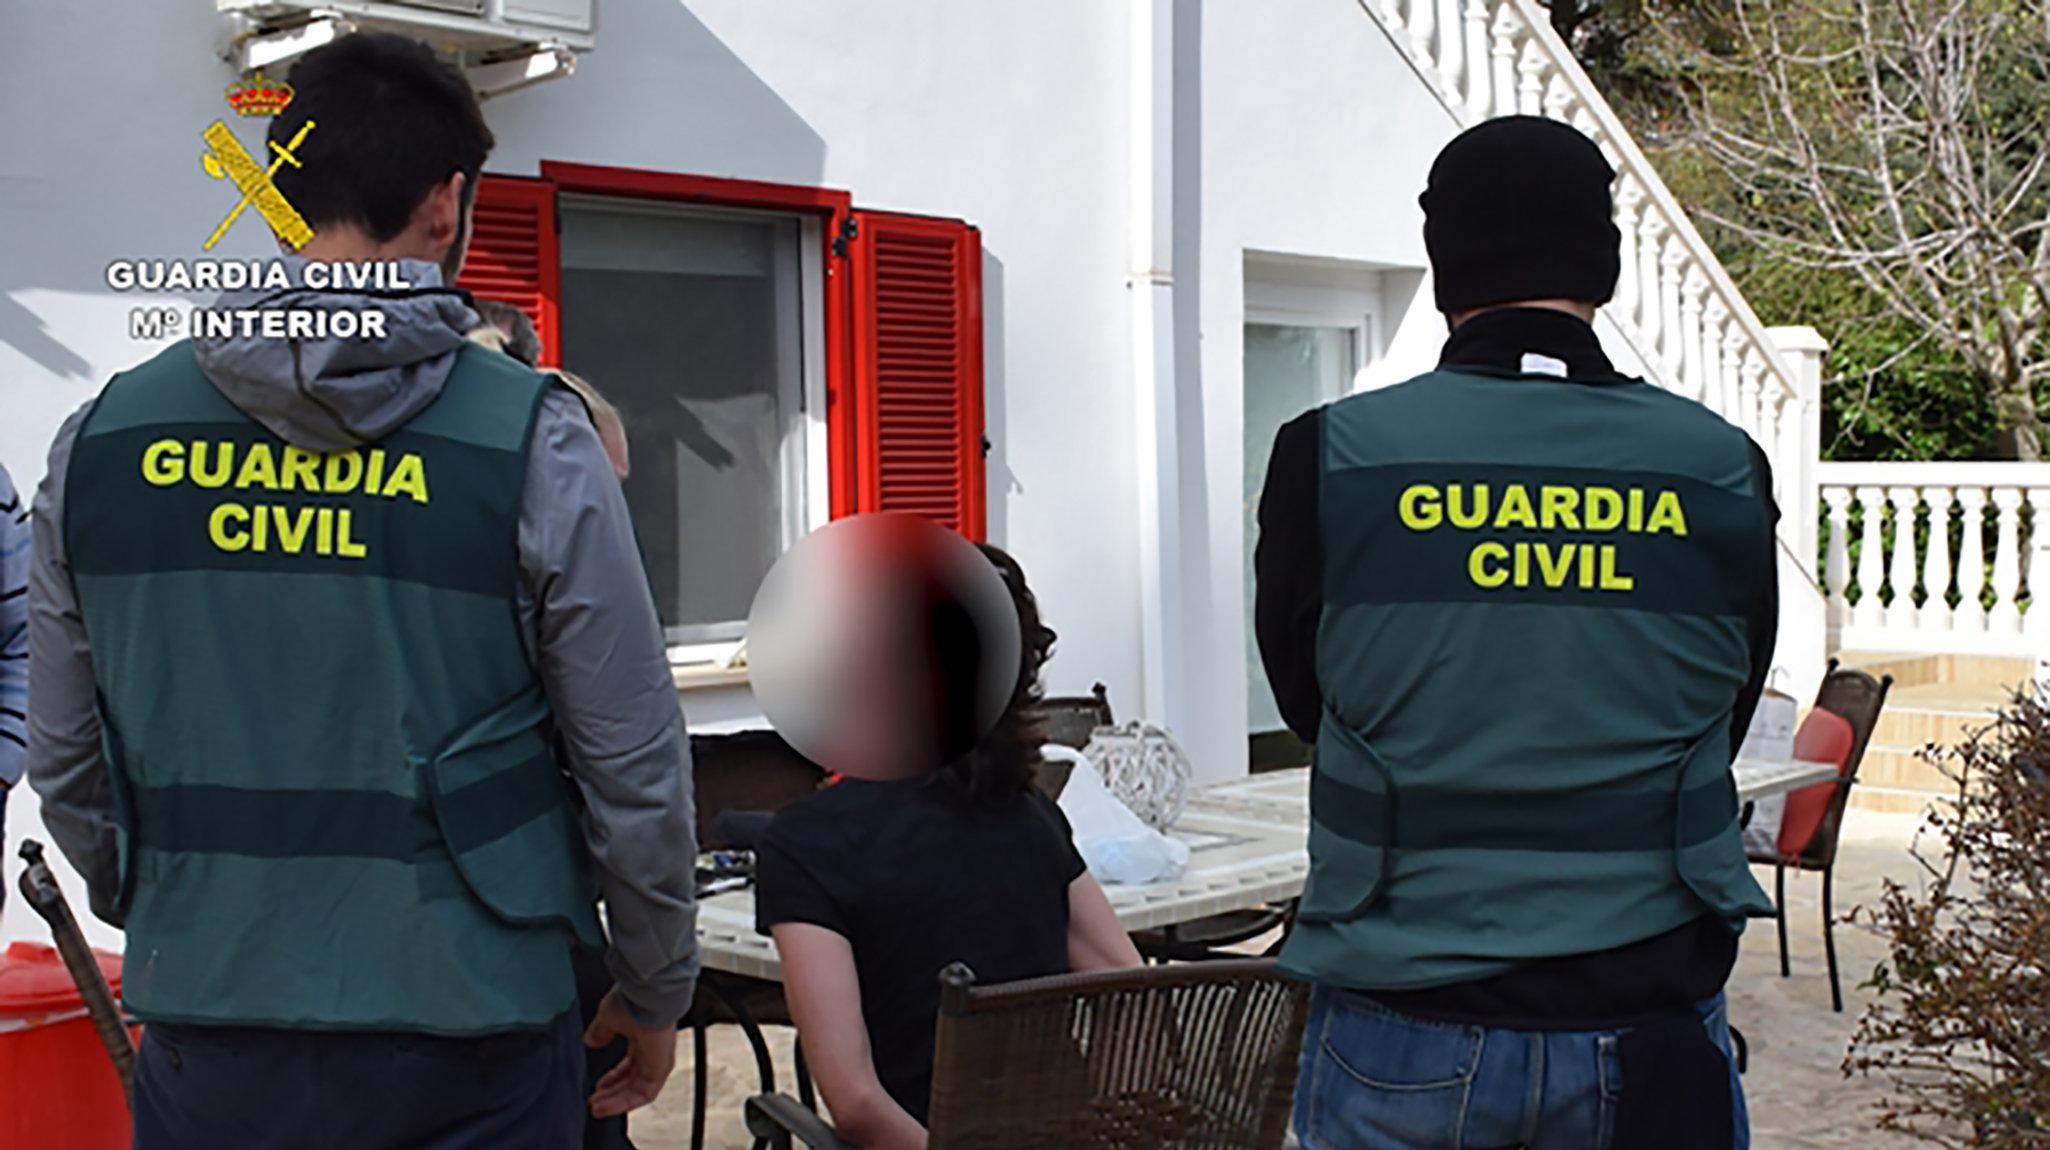 La Guardia Civil de España durante la detención de un neonazi que intentó atentar con una bomba en Alemania